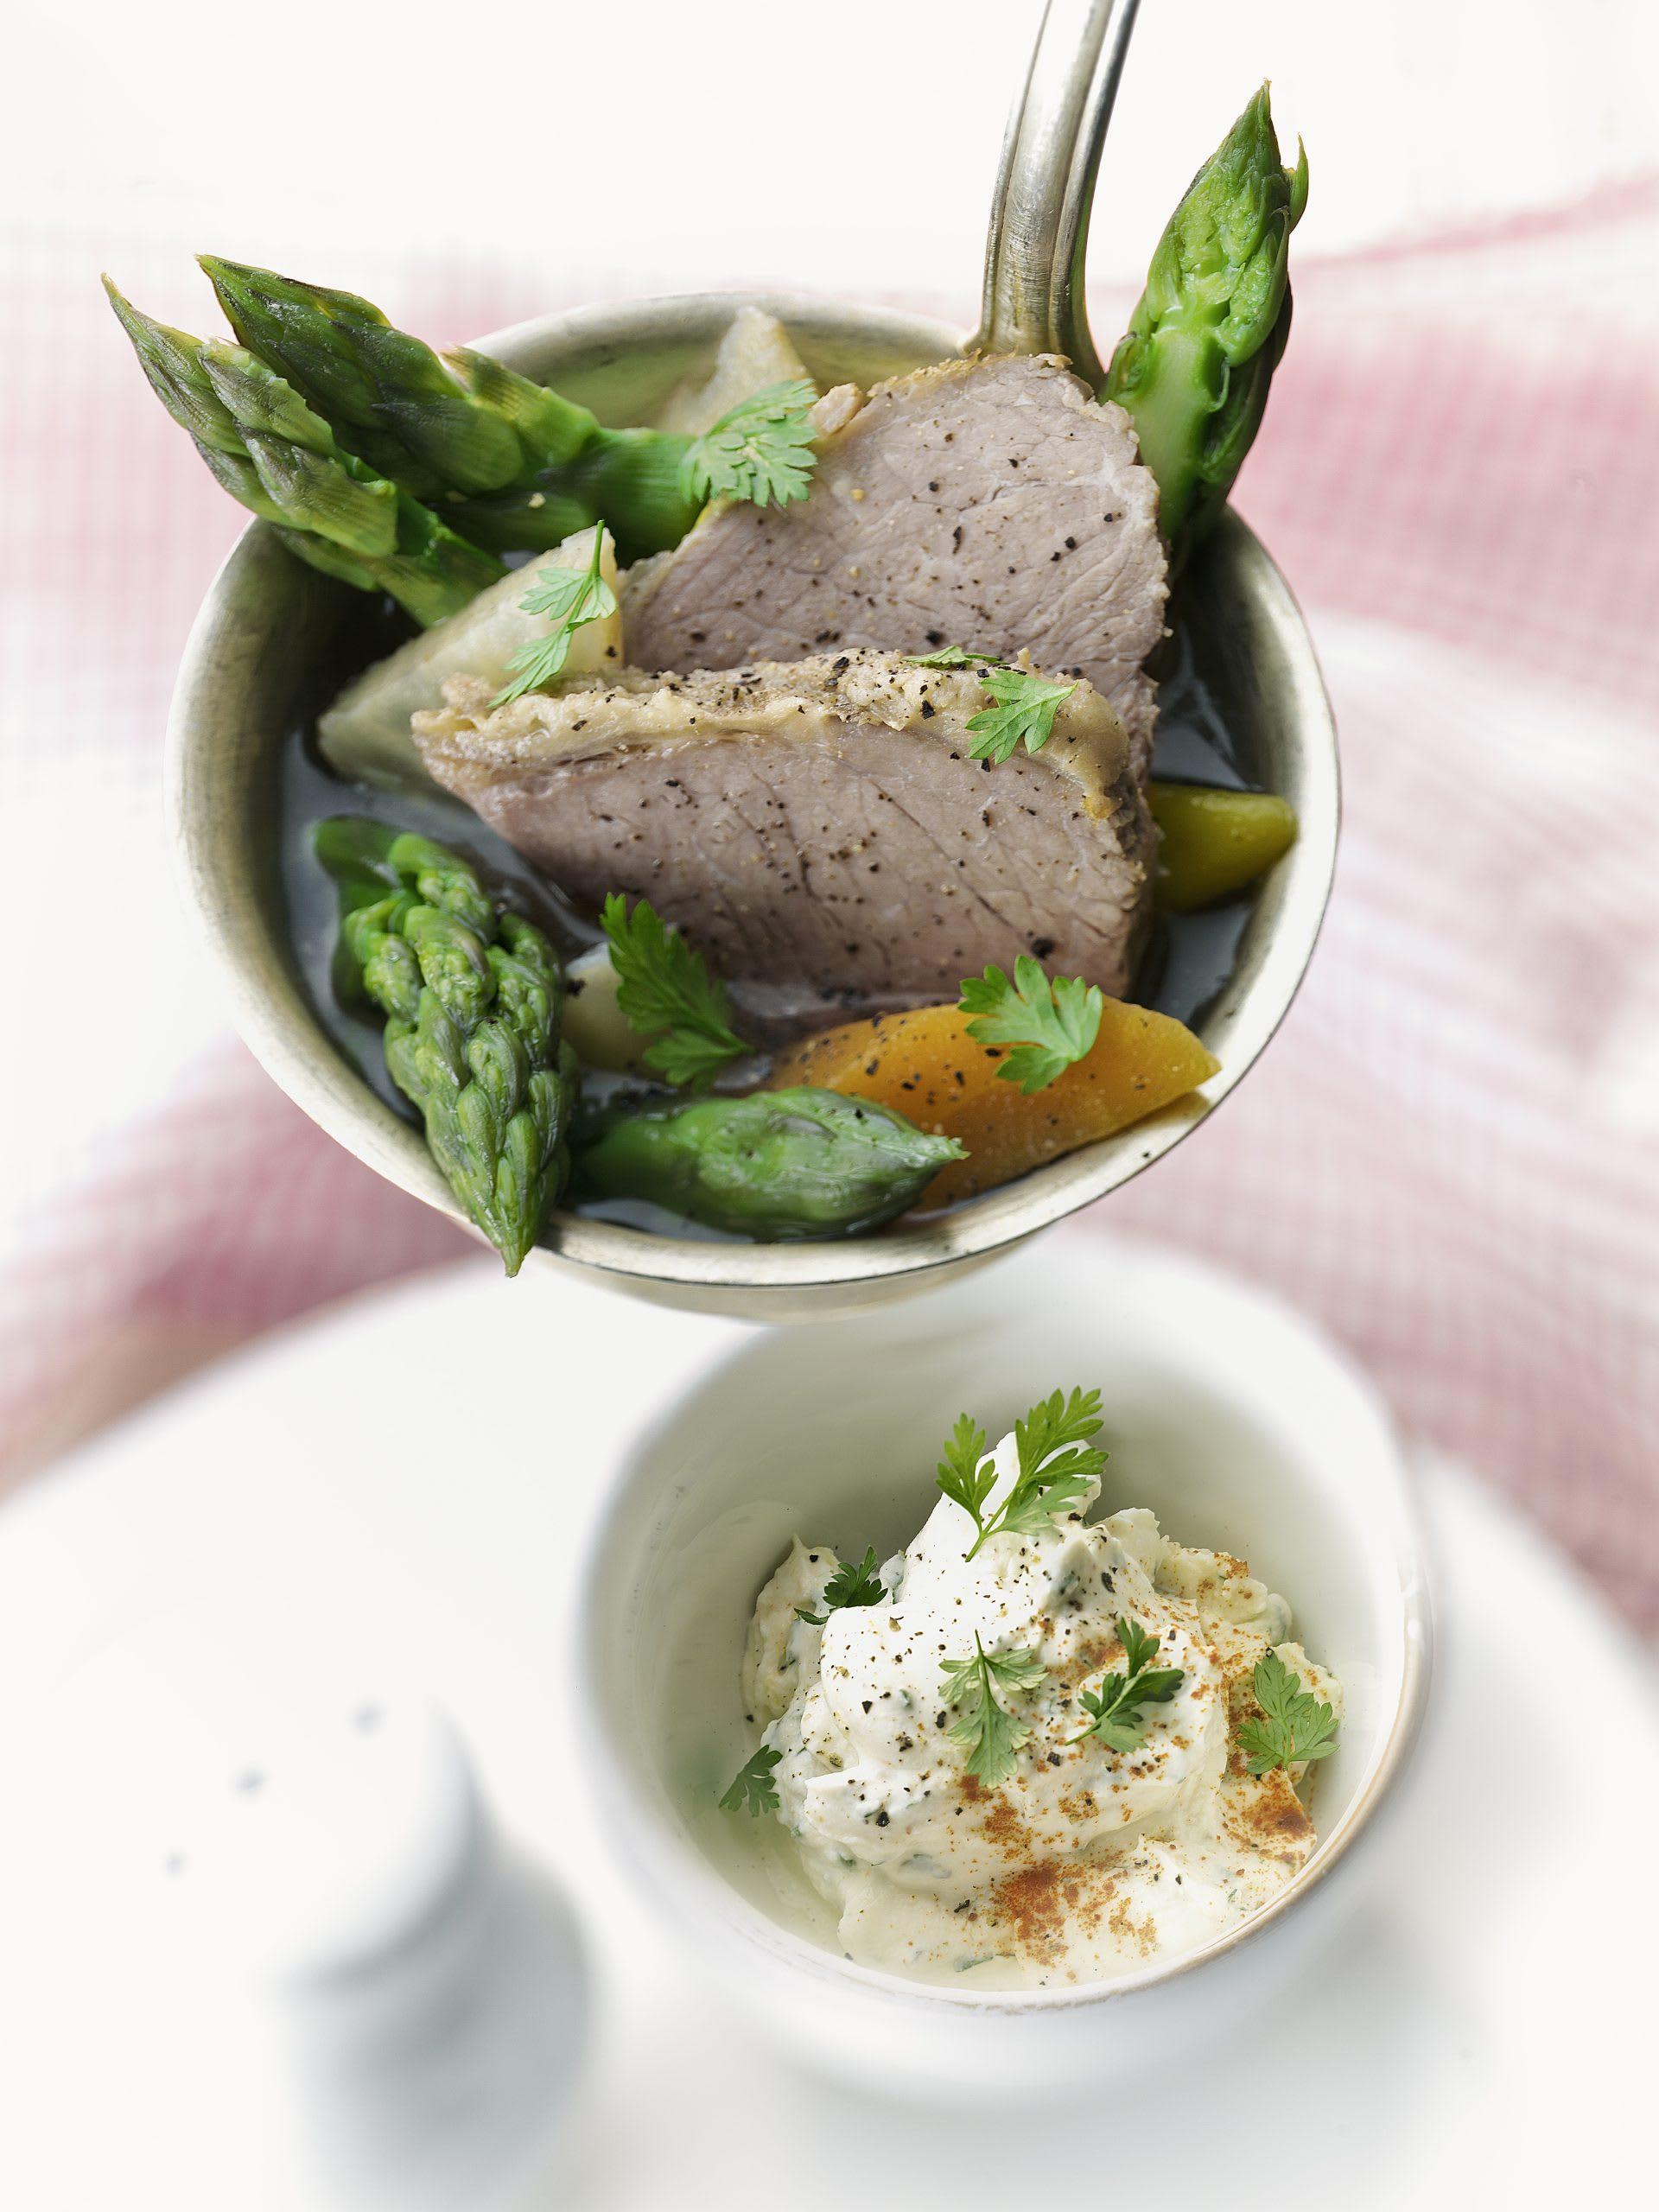 Spargel-Siedfleisch-Topf mit Dip